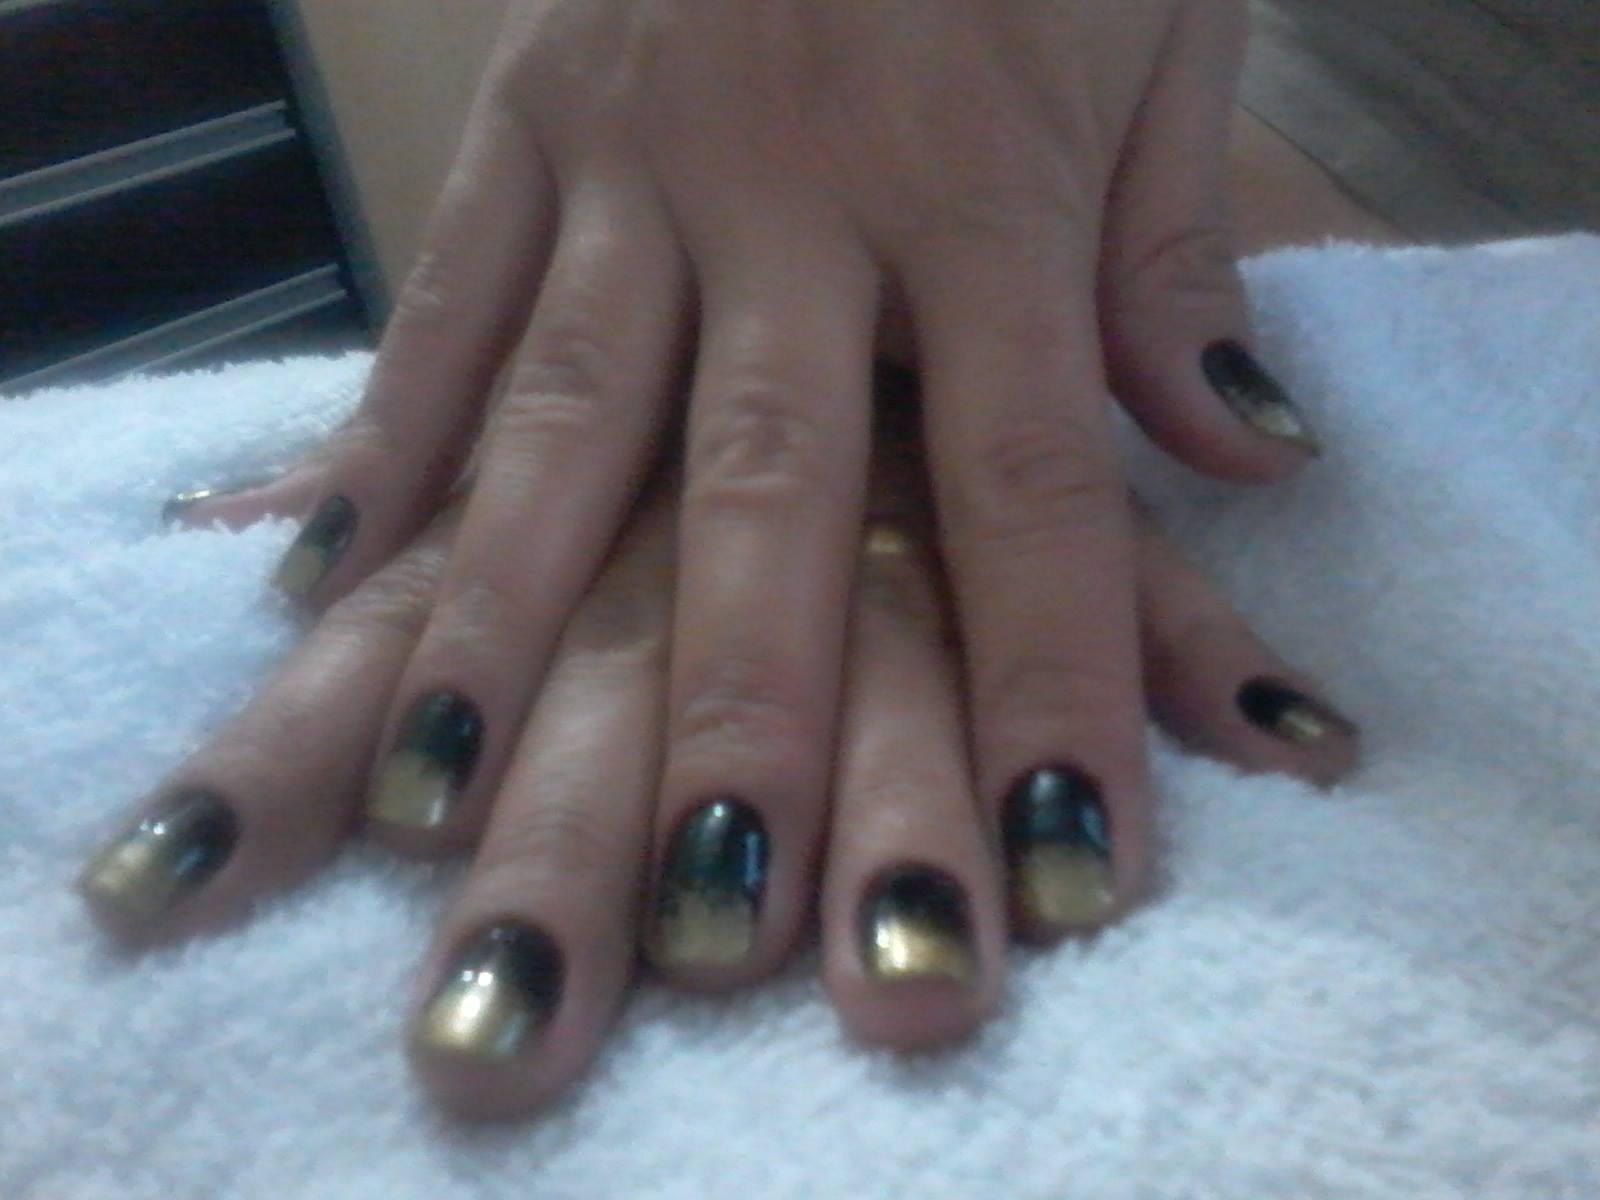 Unha ombre Realizado em mi mesma,usado esmlte preto por baixo e dourado por cima com uma buchinha de lava louça manicure e pedicure podólogo(a) designer de sobrancelhas depilador(a)